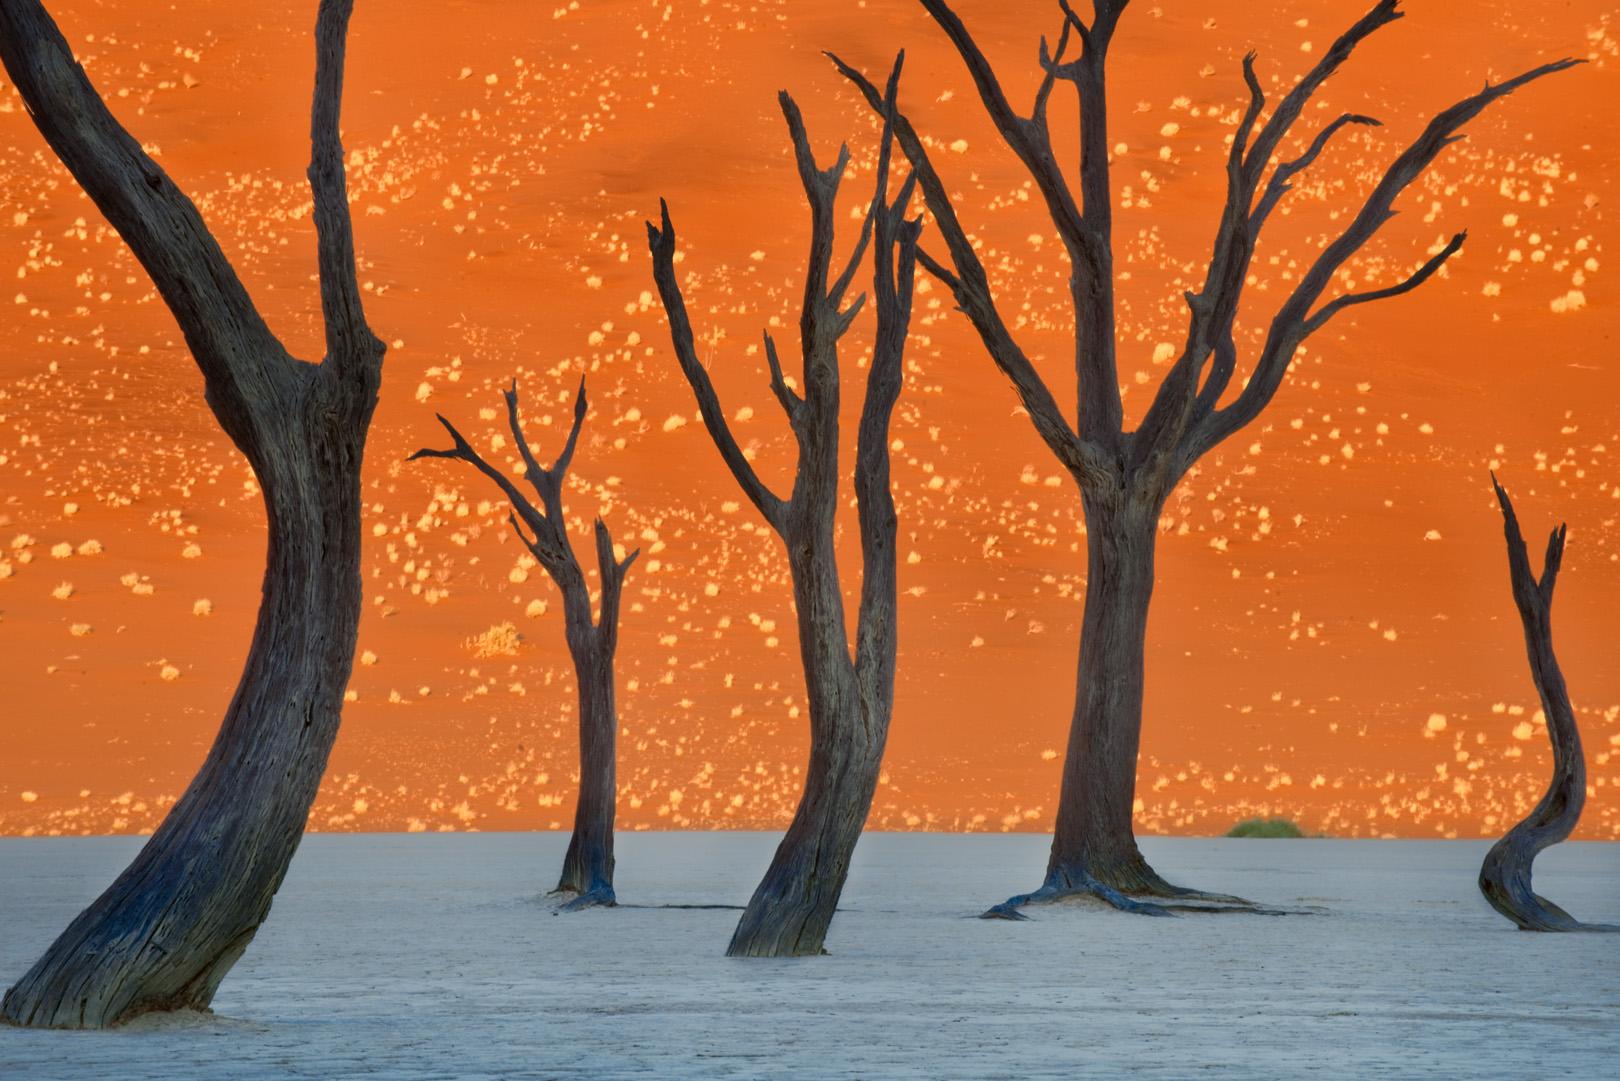 Dead camelthorn trees, Sossusvlei, Namib-Naukluft National Park, Namibia